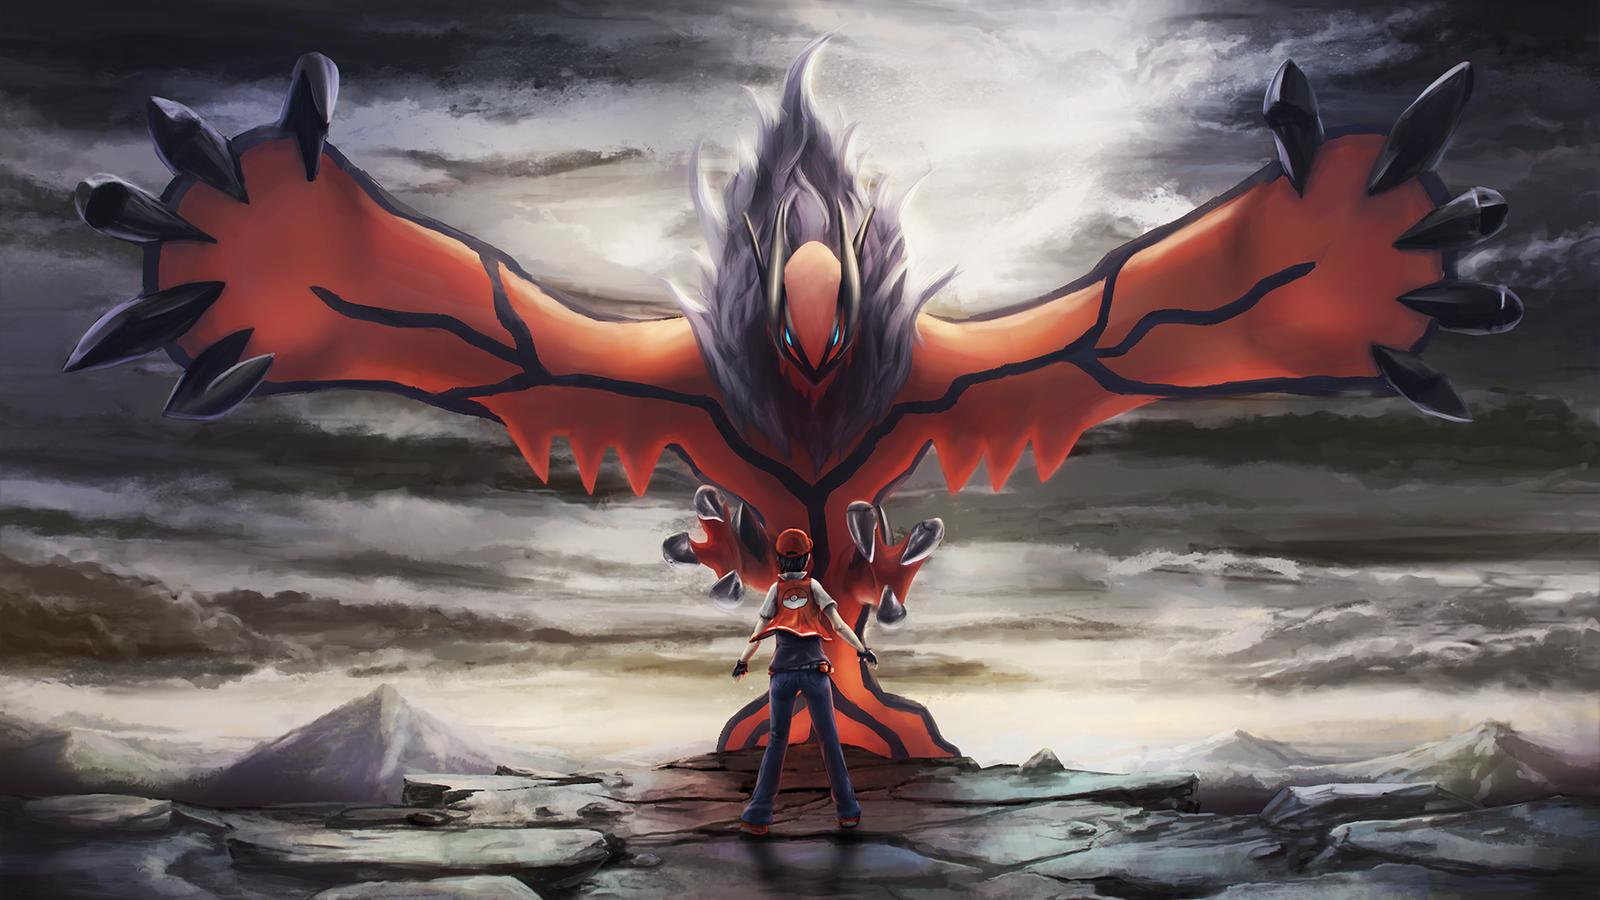 rise_of_yveltal___red_fullhd_by_dekus-d6